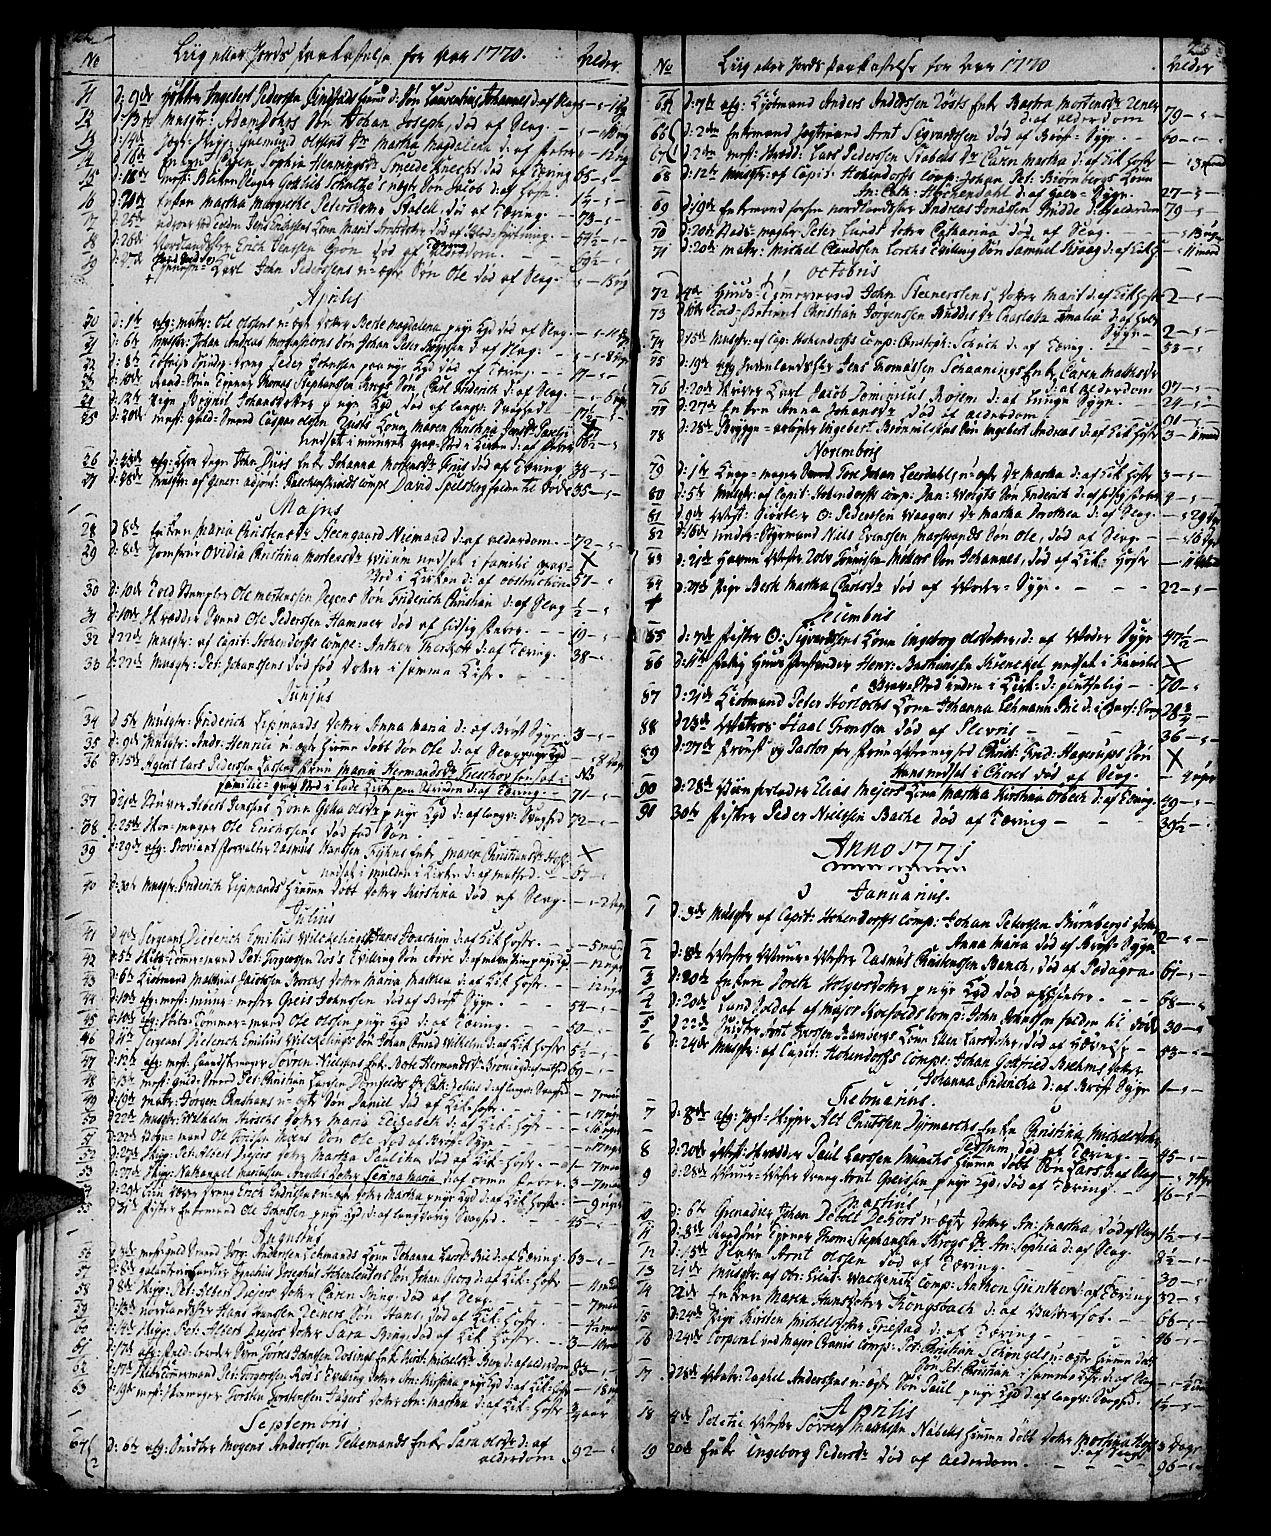 SAT, Ministerialprotokoller, klokkerbøker og fødselsregistre - Sør-Trøndelag, 602/L0134: Klokkerbok nr. 602C02, 1759-1812, s. 22-23